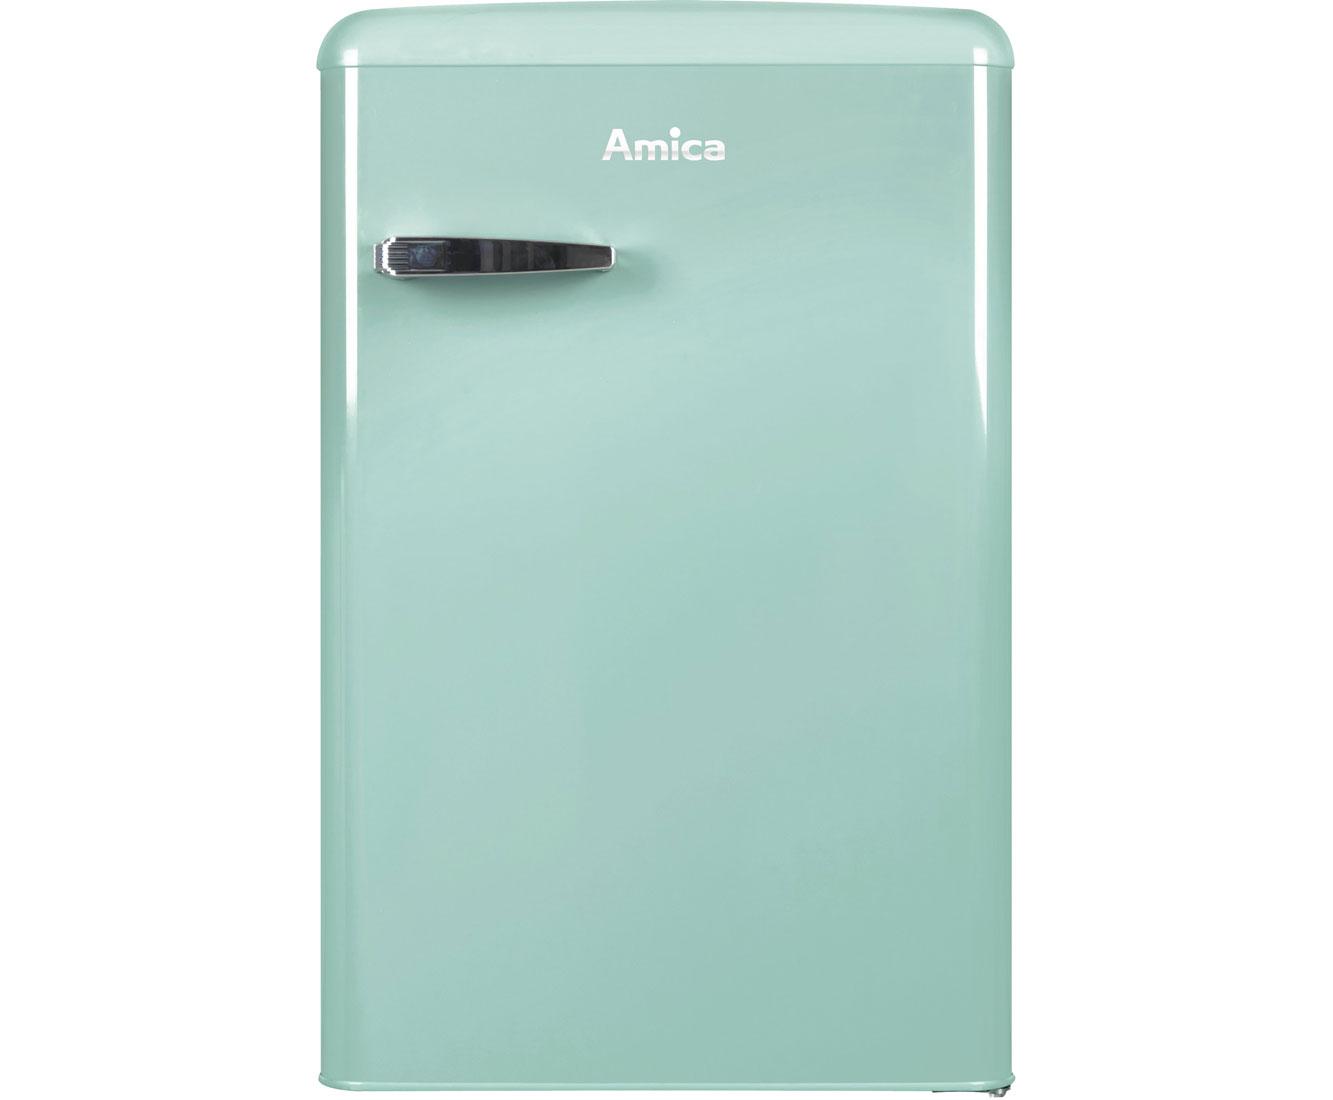 Amica Kühlschrank Retro Erfahrung : Amica vks m kühlschrank mint retro design a